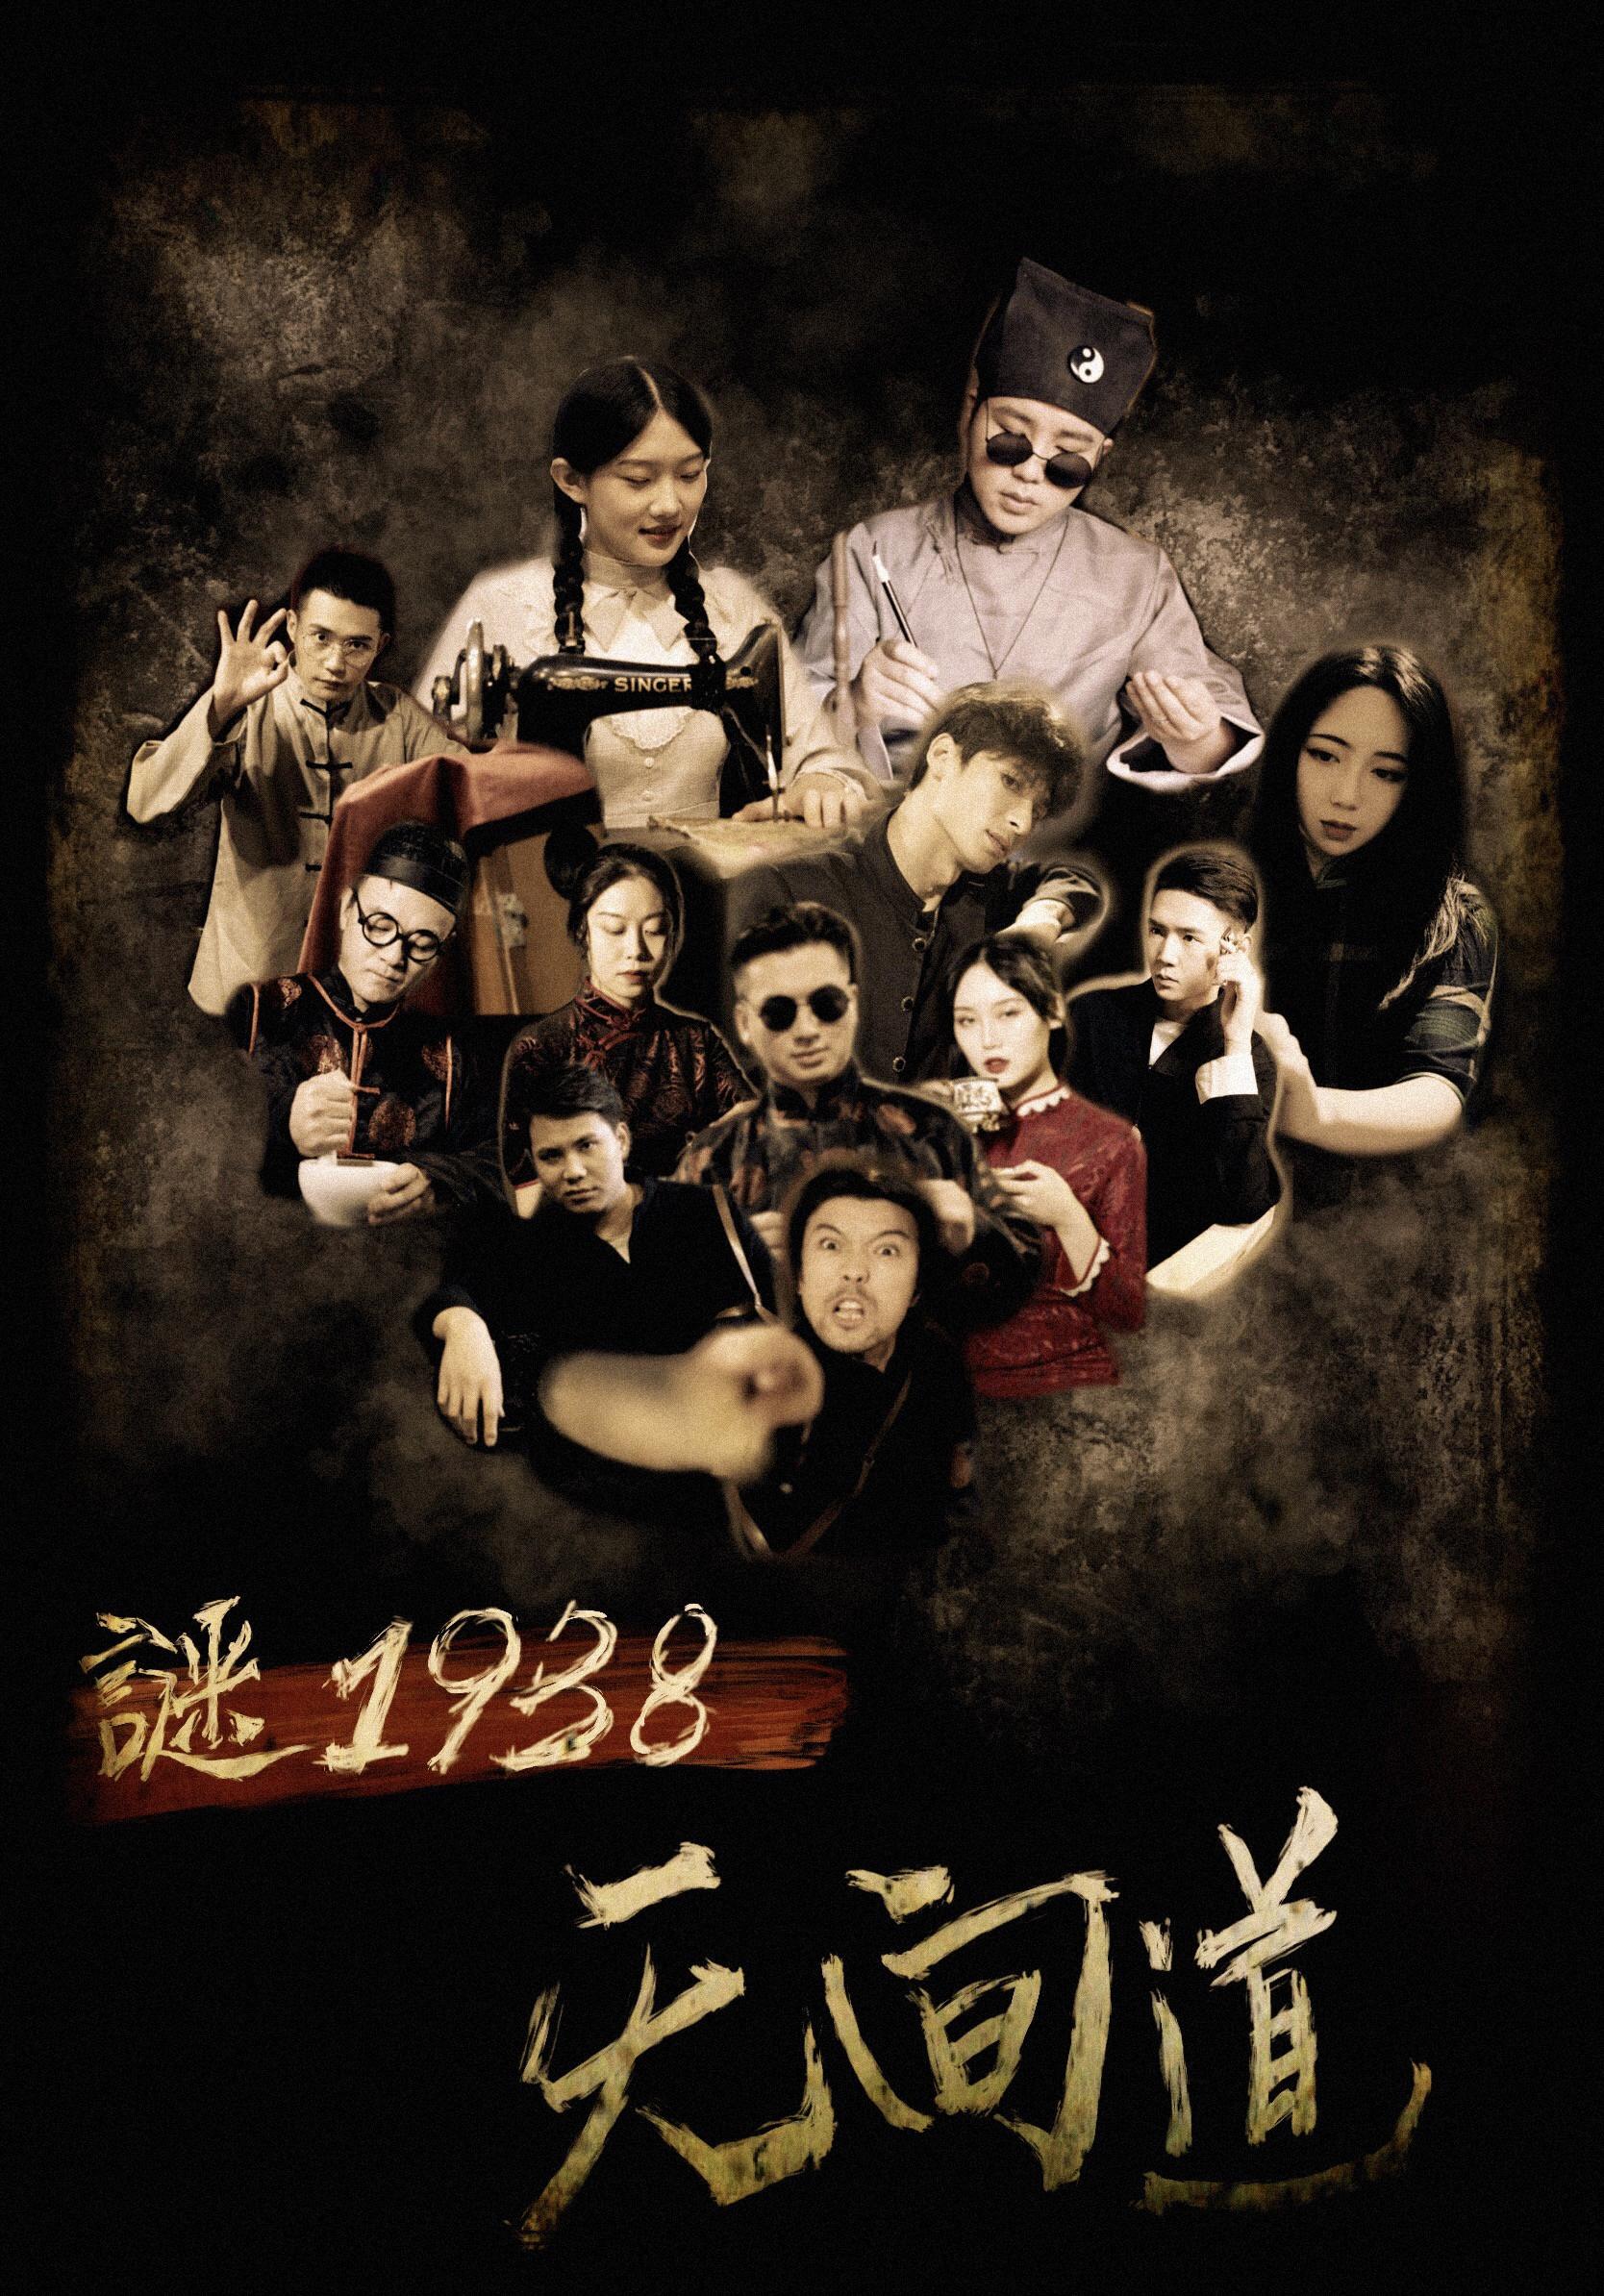 【武汉】大型沉浸式实景互动剧《谜1938之无间道》